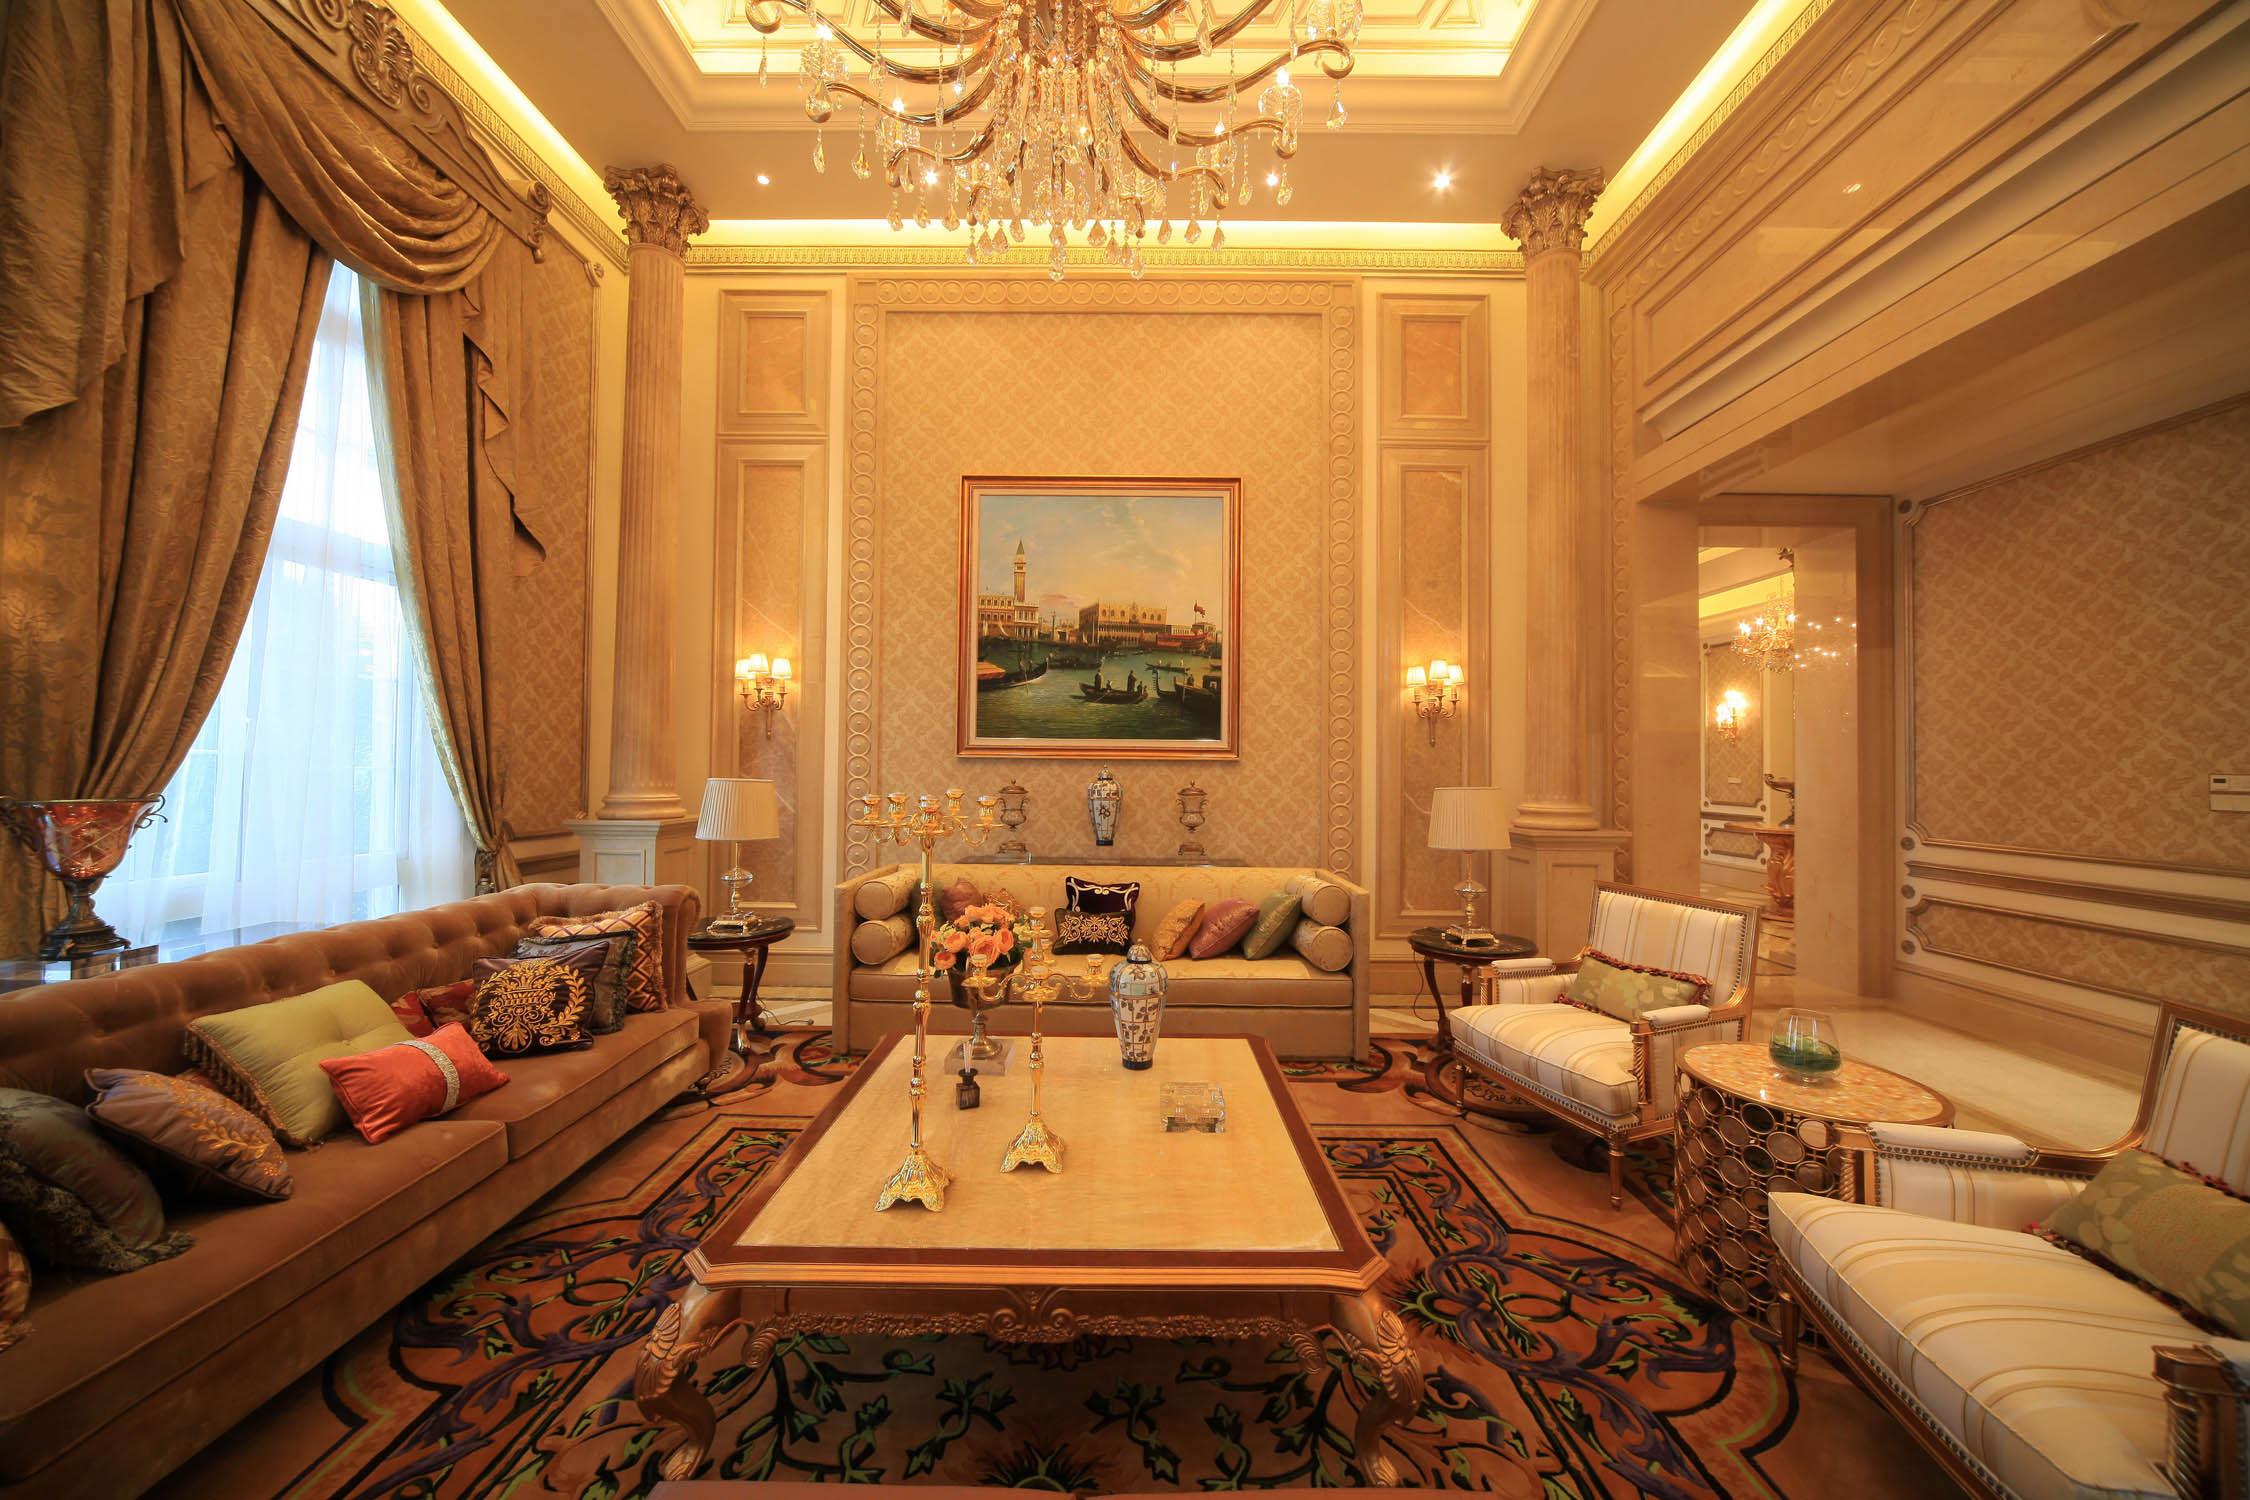 现代欧式别墅装修会客厅效果图